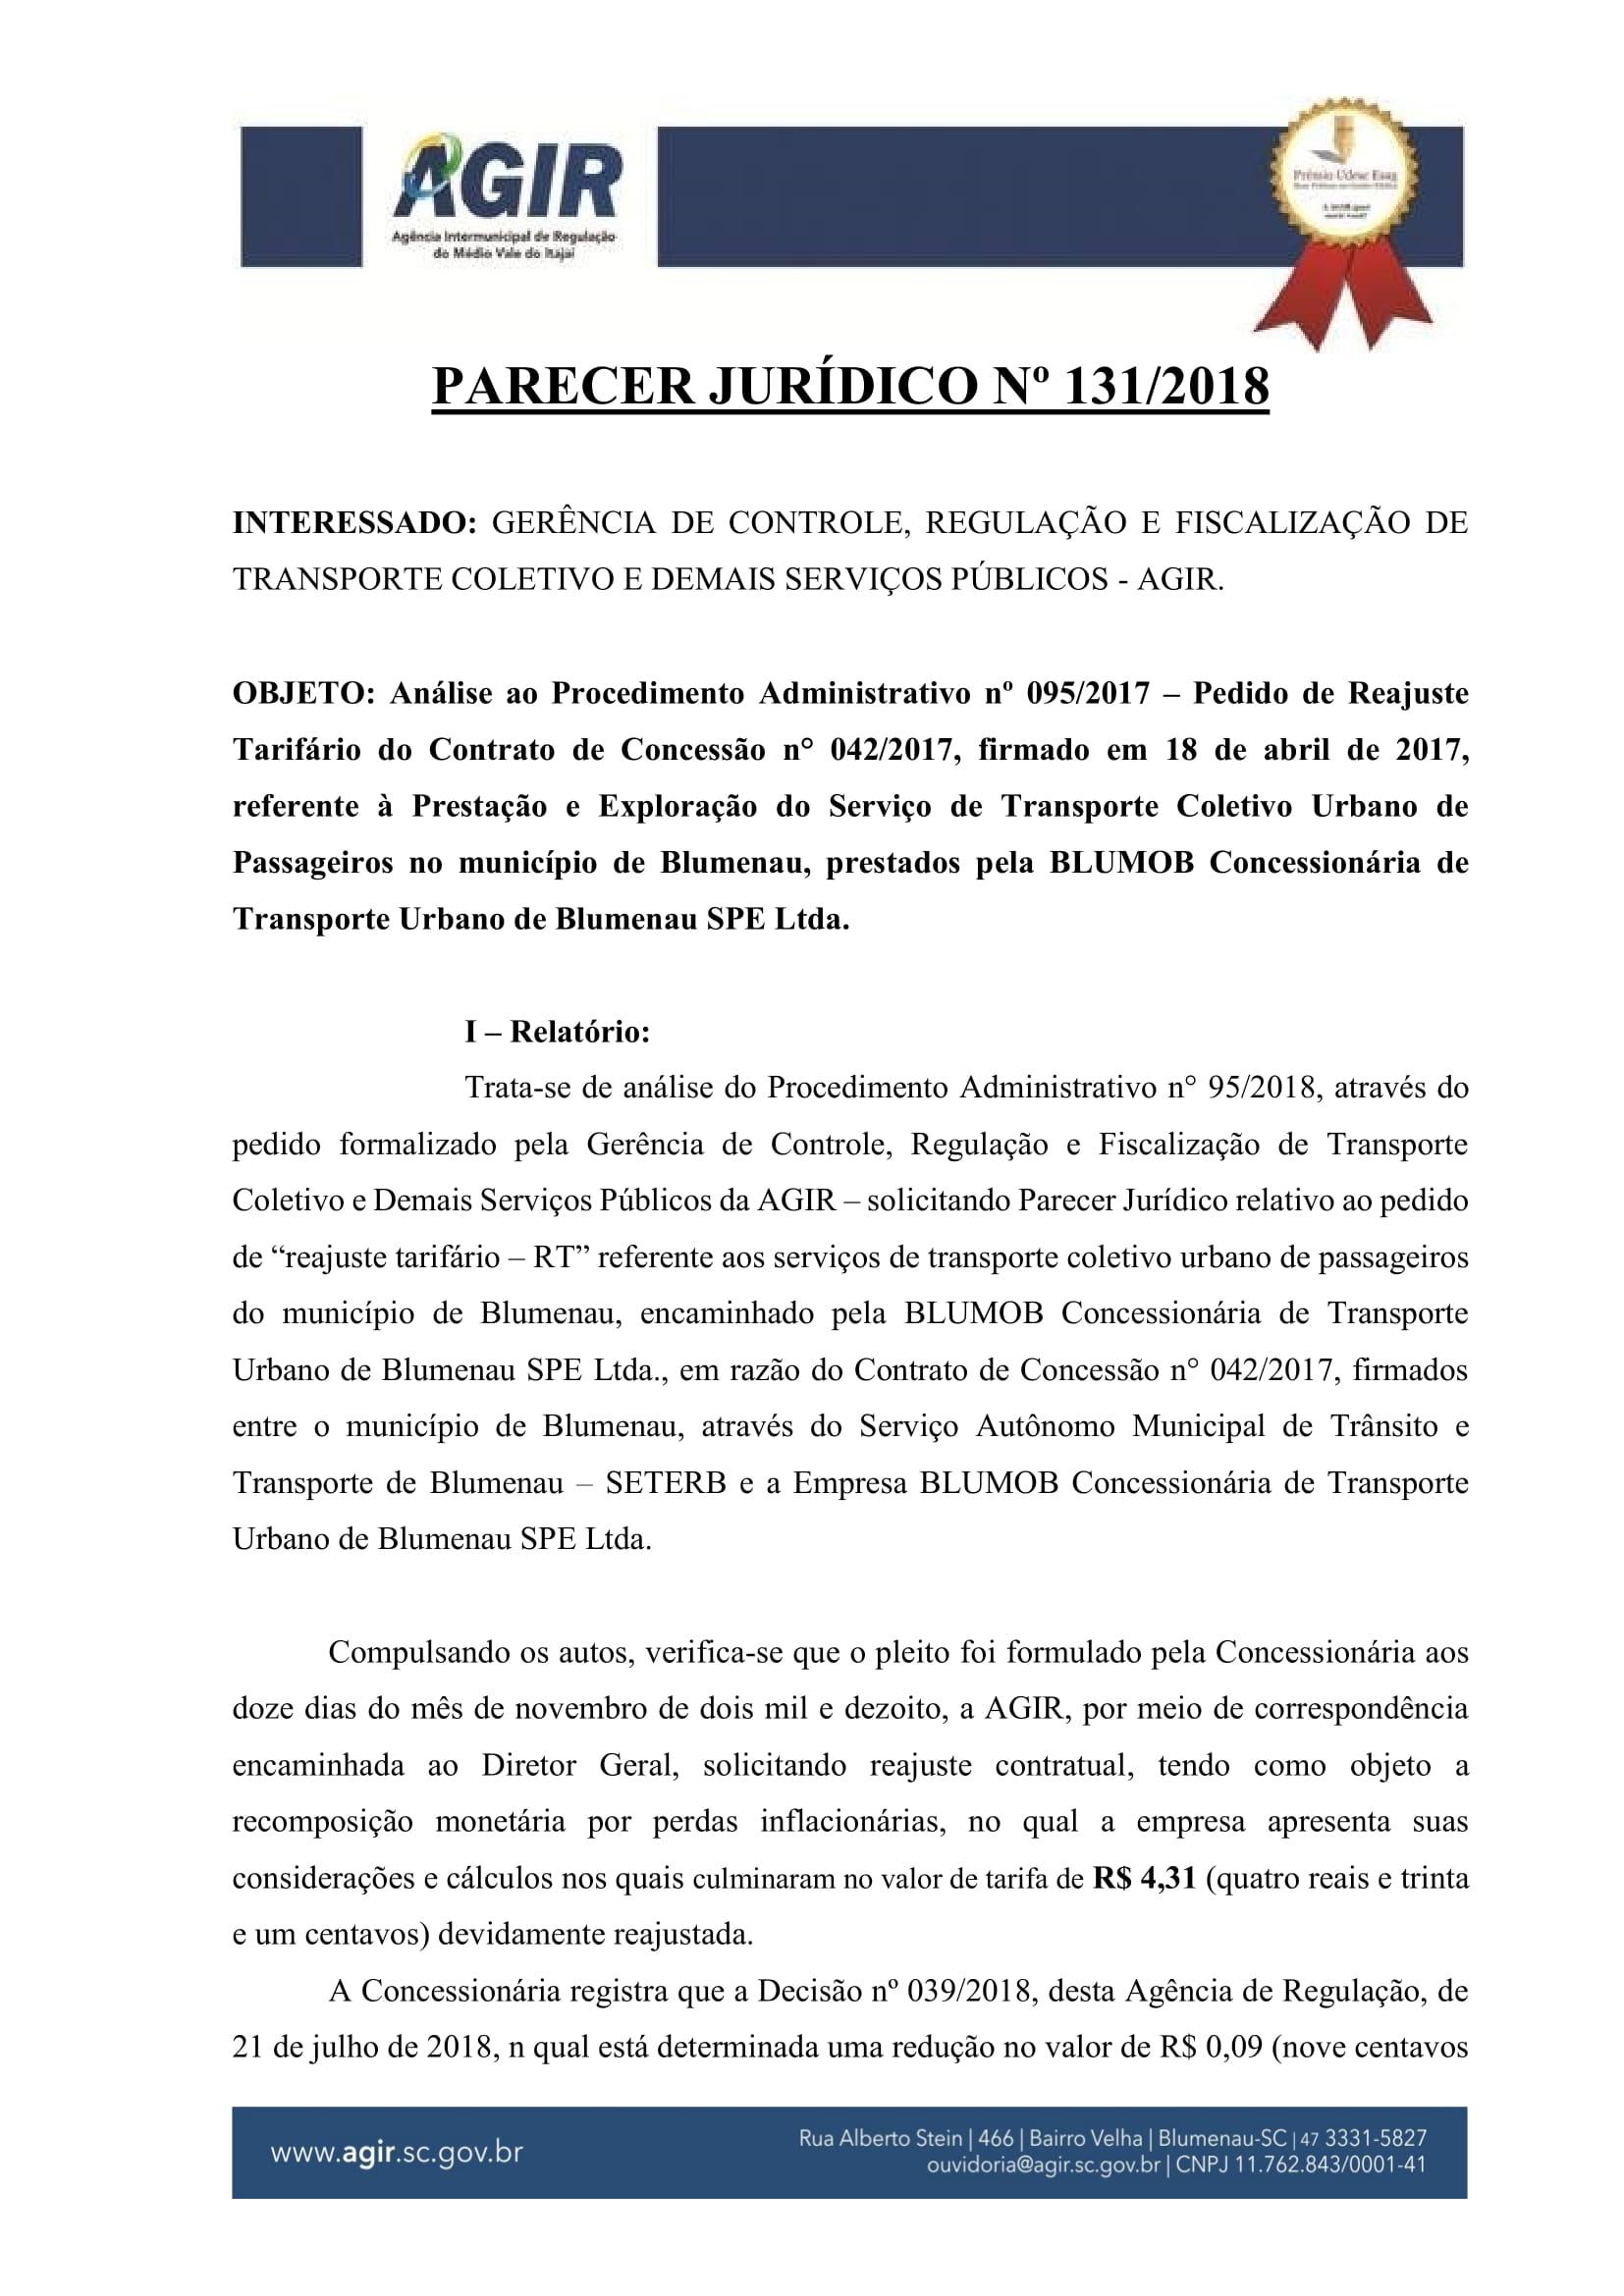 Parecer Juridico 131-2018_Reajuste Tarifário Blumob-01